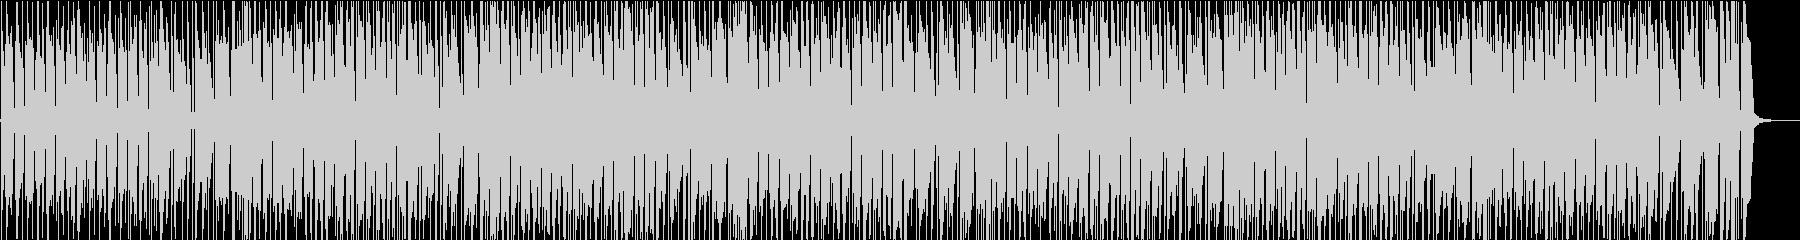 ブルースギターロック ミドルテンポ 軽快の未再生の波形